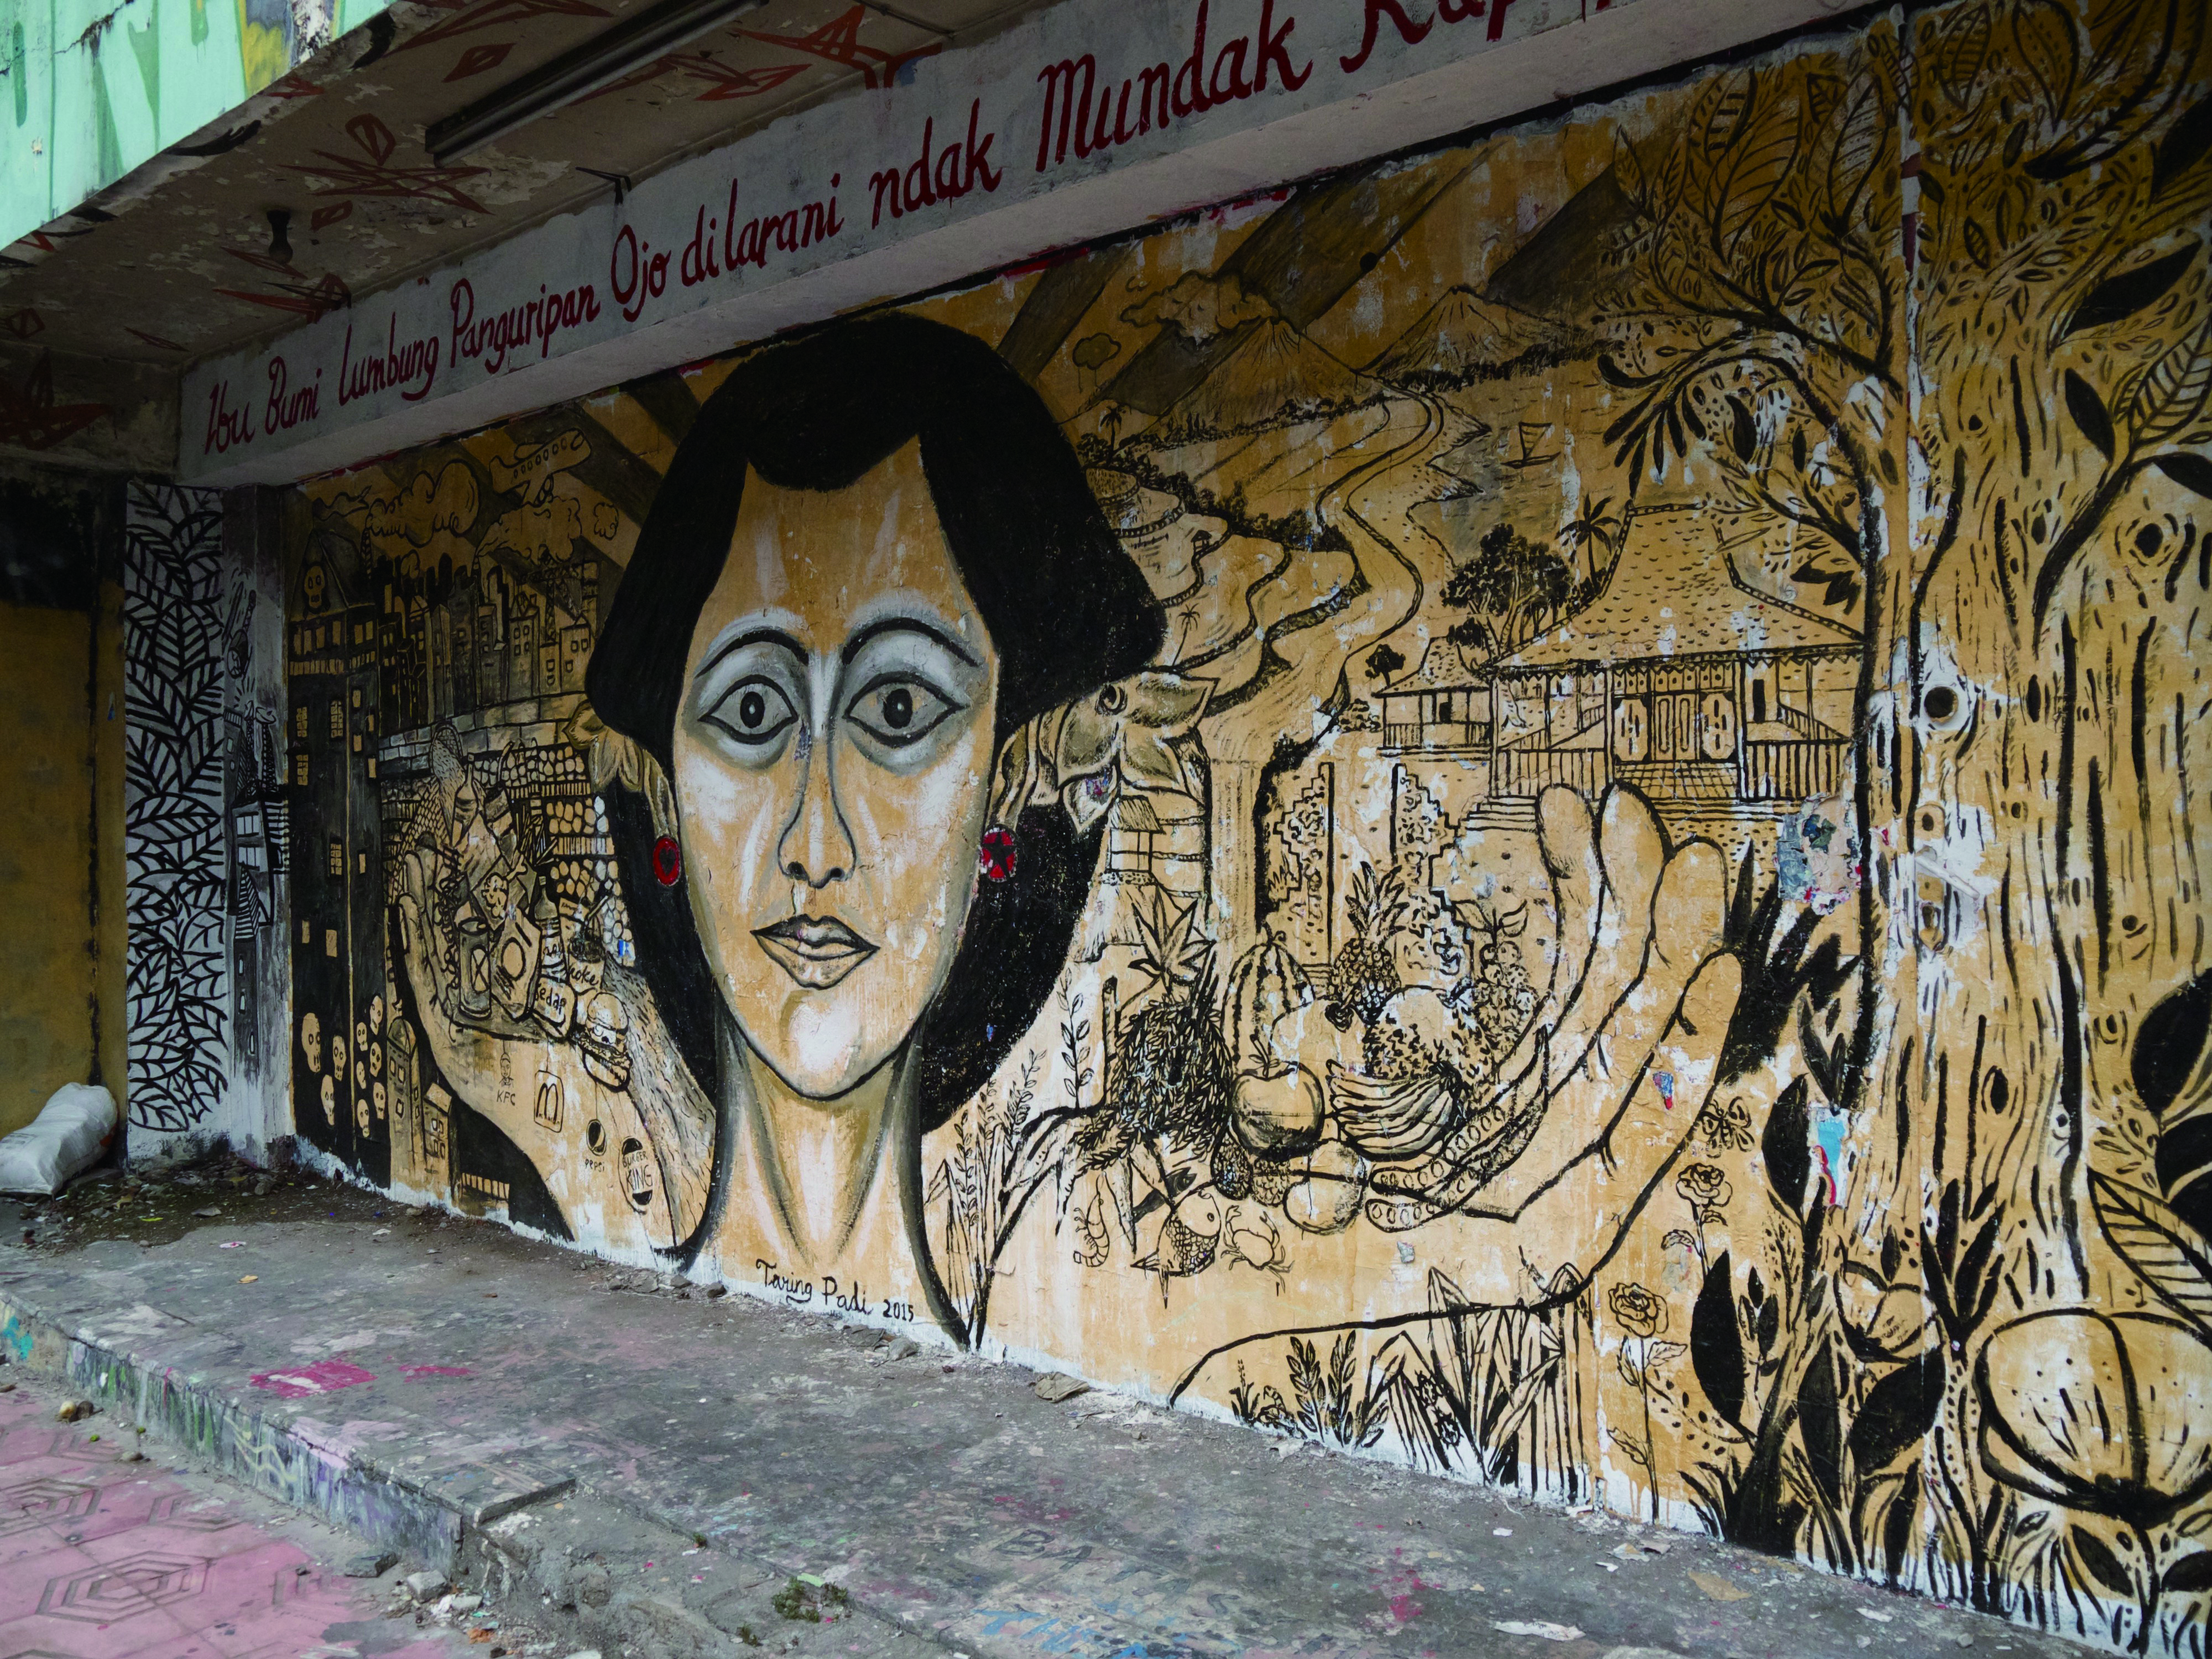 日惹街頭的塗鴉也反映了當地的文化意象。.jpg